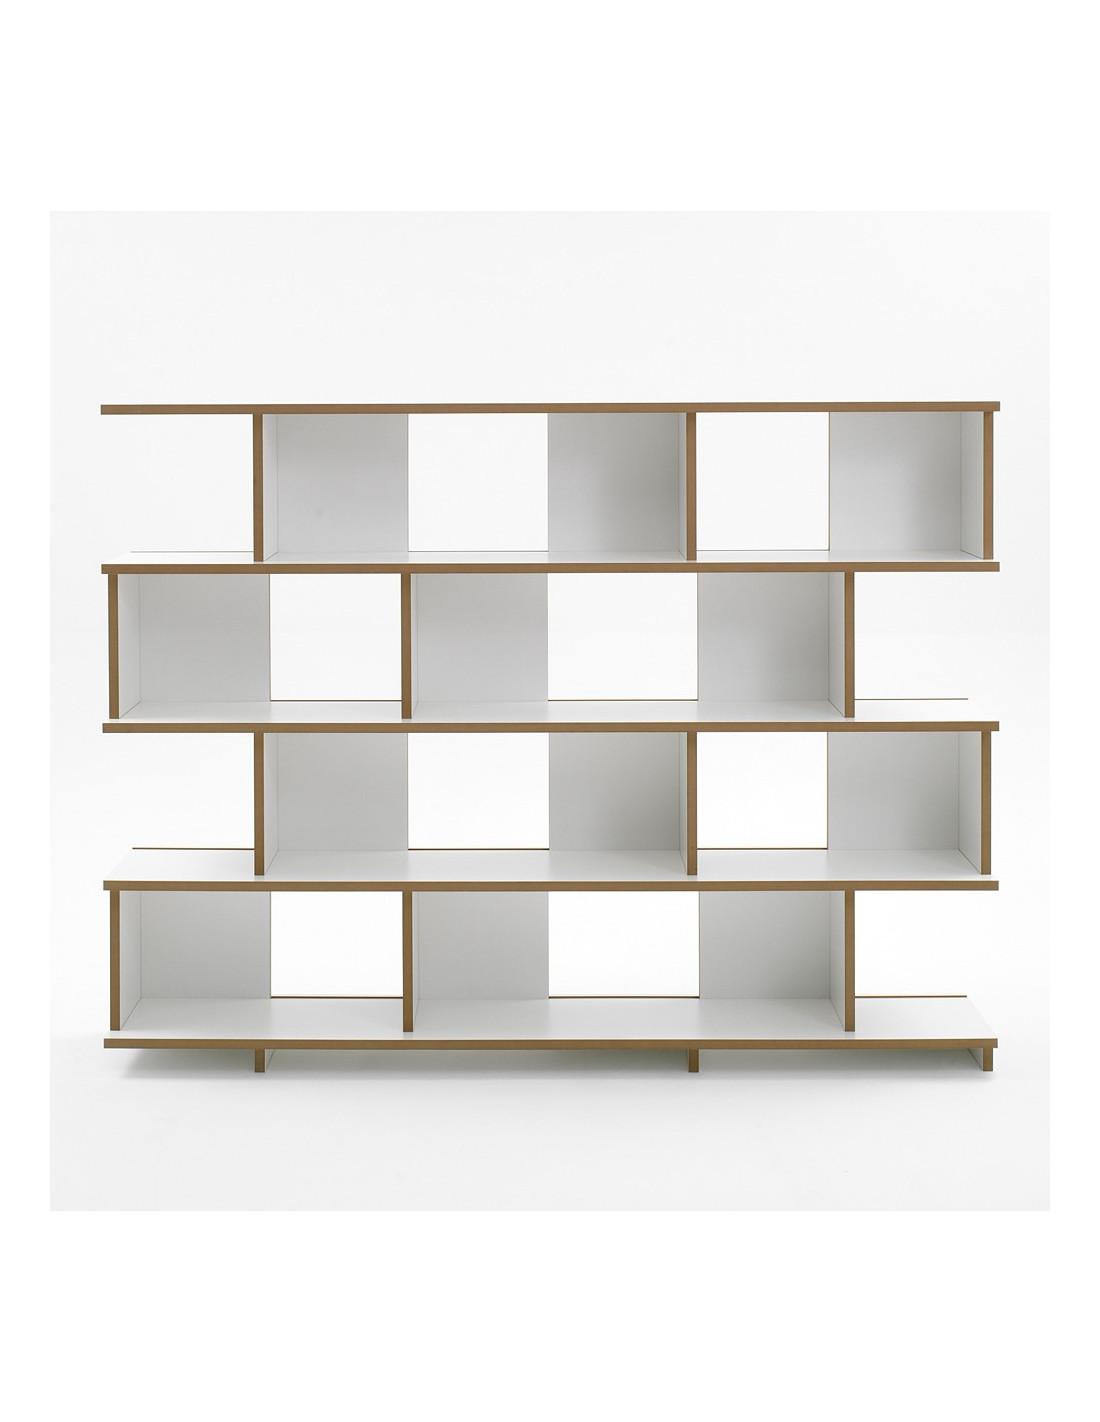 etag re stell la boutique danoise. Black Bedroom Furniture Sets. Home Design Ideas